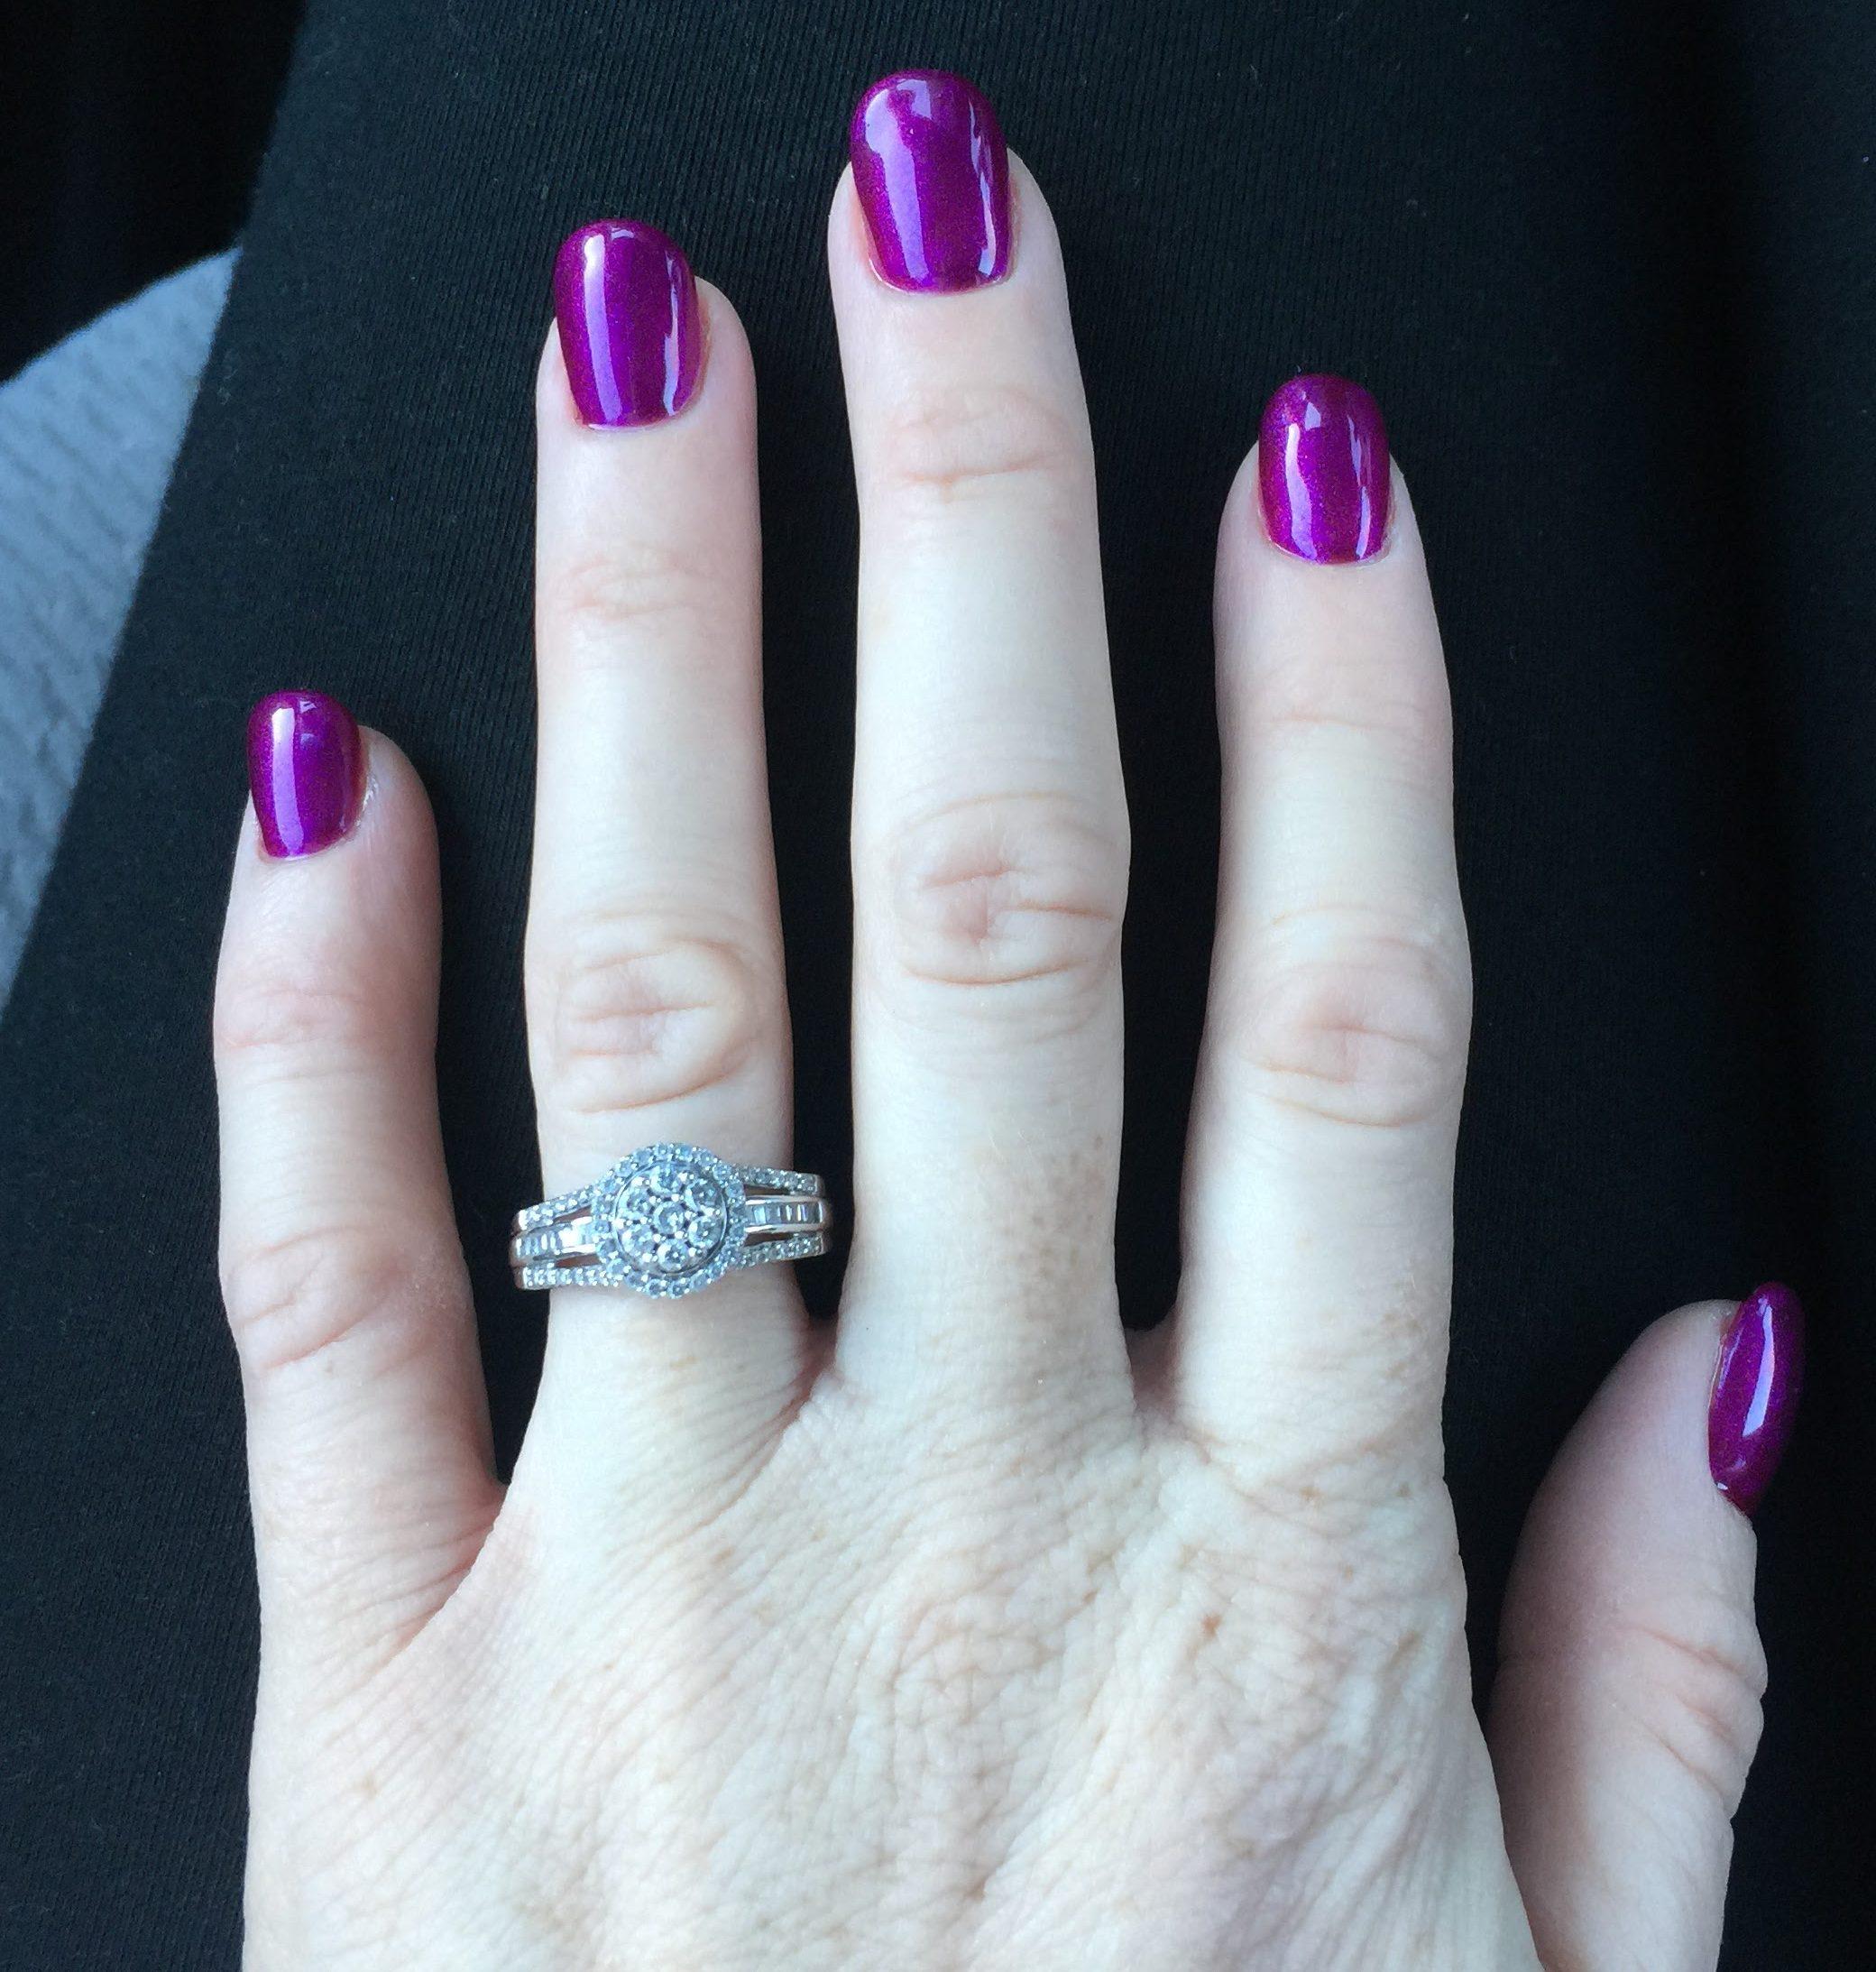 #Purple #Fashion #Beauty #Christmas